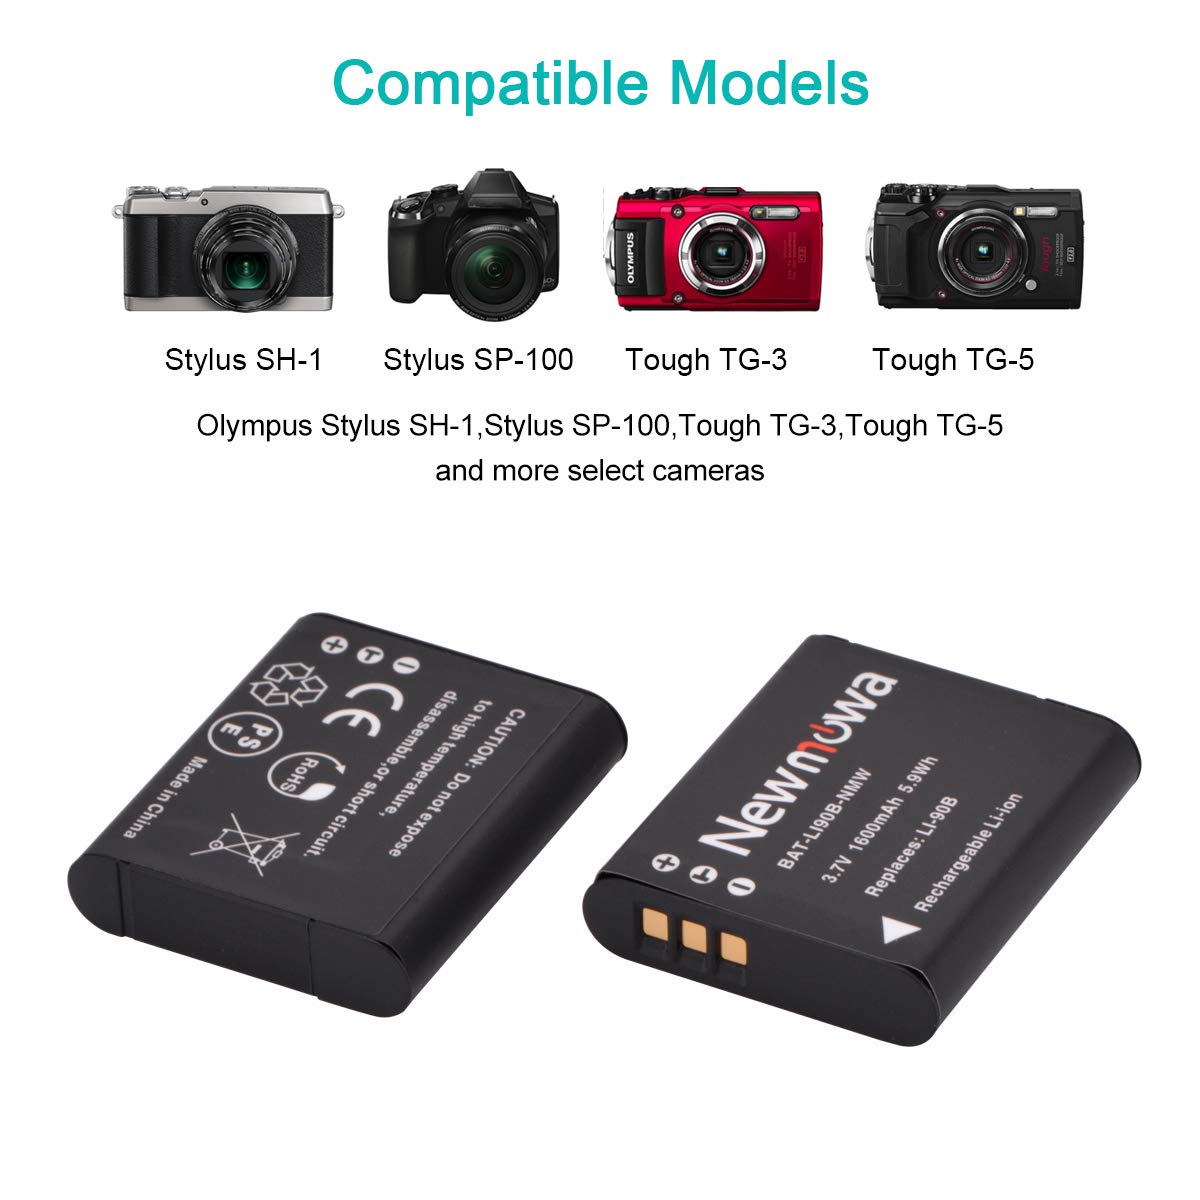 Newmowa LI-90B Bater/ía 2-Pack y Kit Cargador Micro USB port/átil para Olympus SH-1 SH-50 iHS SH-60 SP-100 SP-100EE Tough TG-1 TG-2 TG-3 XZ-2 iHS